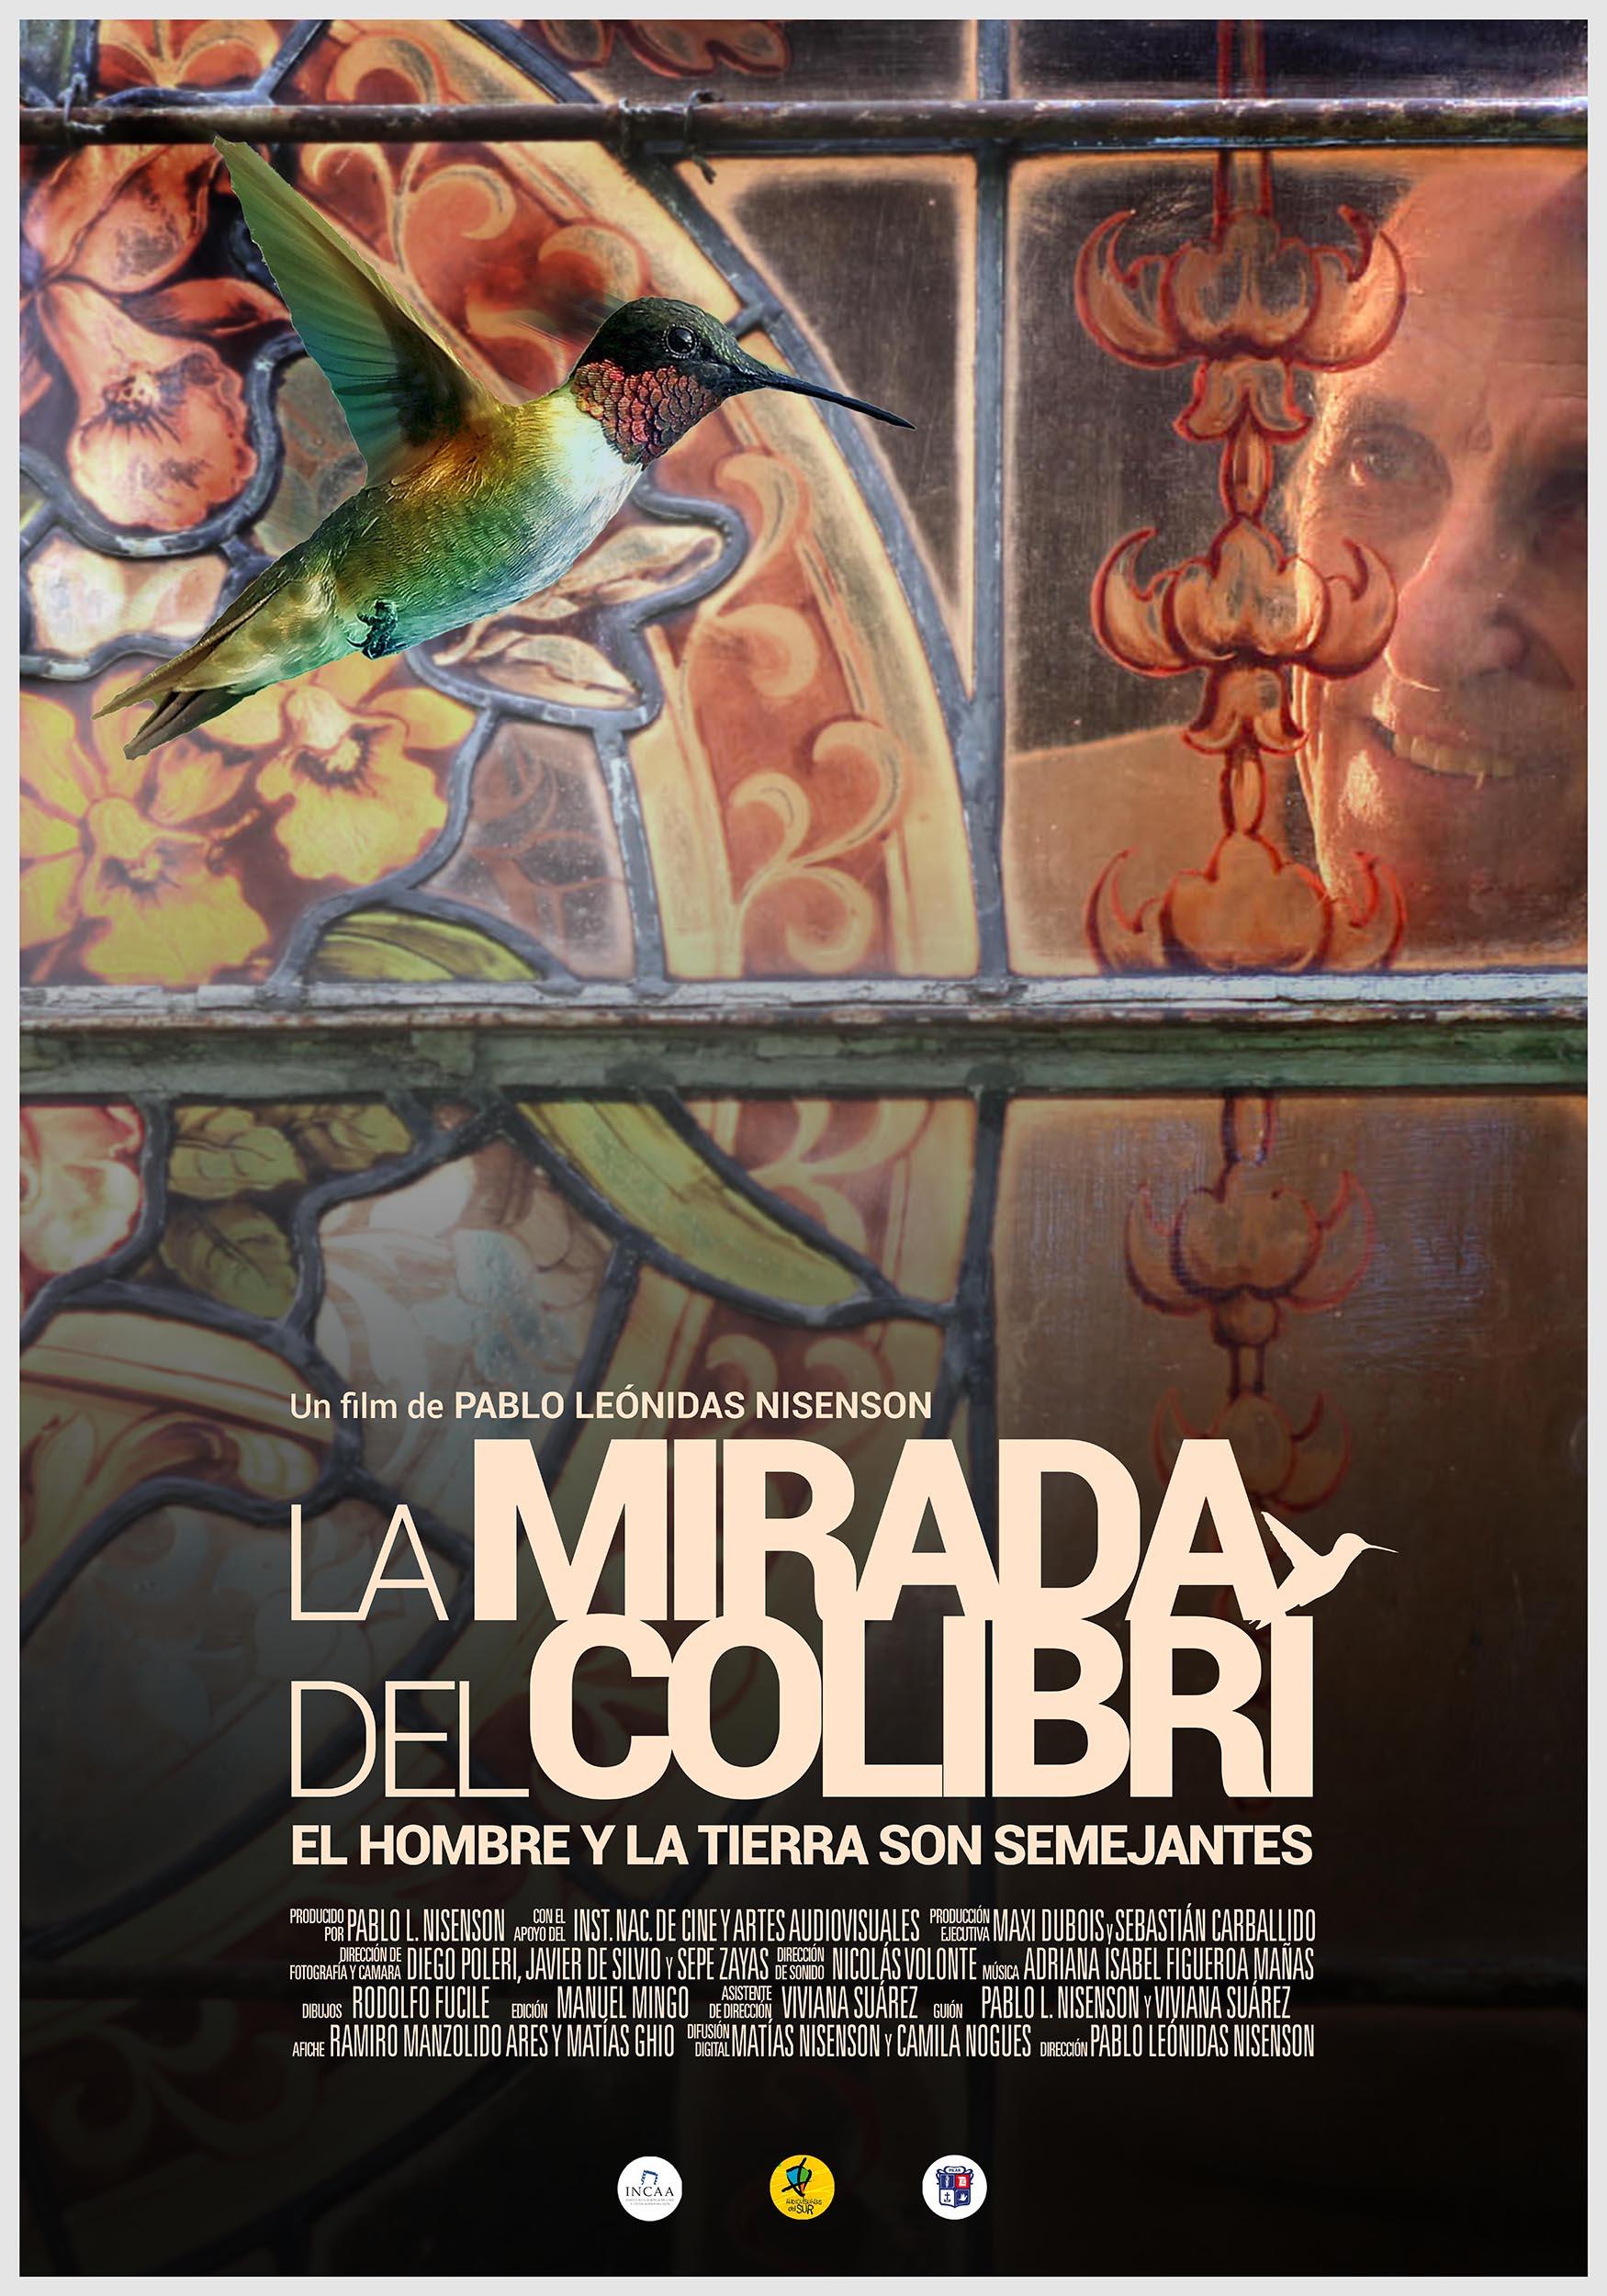 """Pablo Nisenson : """"Es un documental que resalta el género por la calidad de filmación """""""